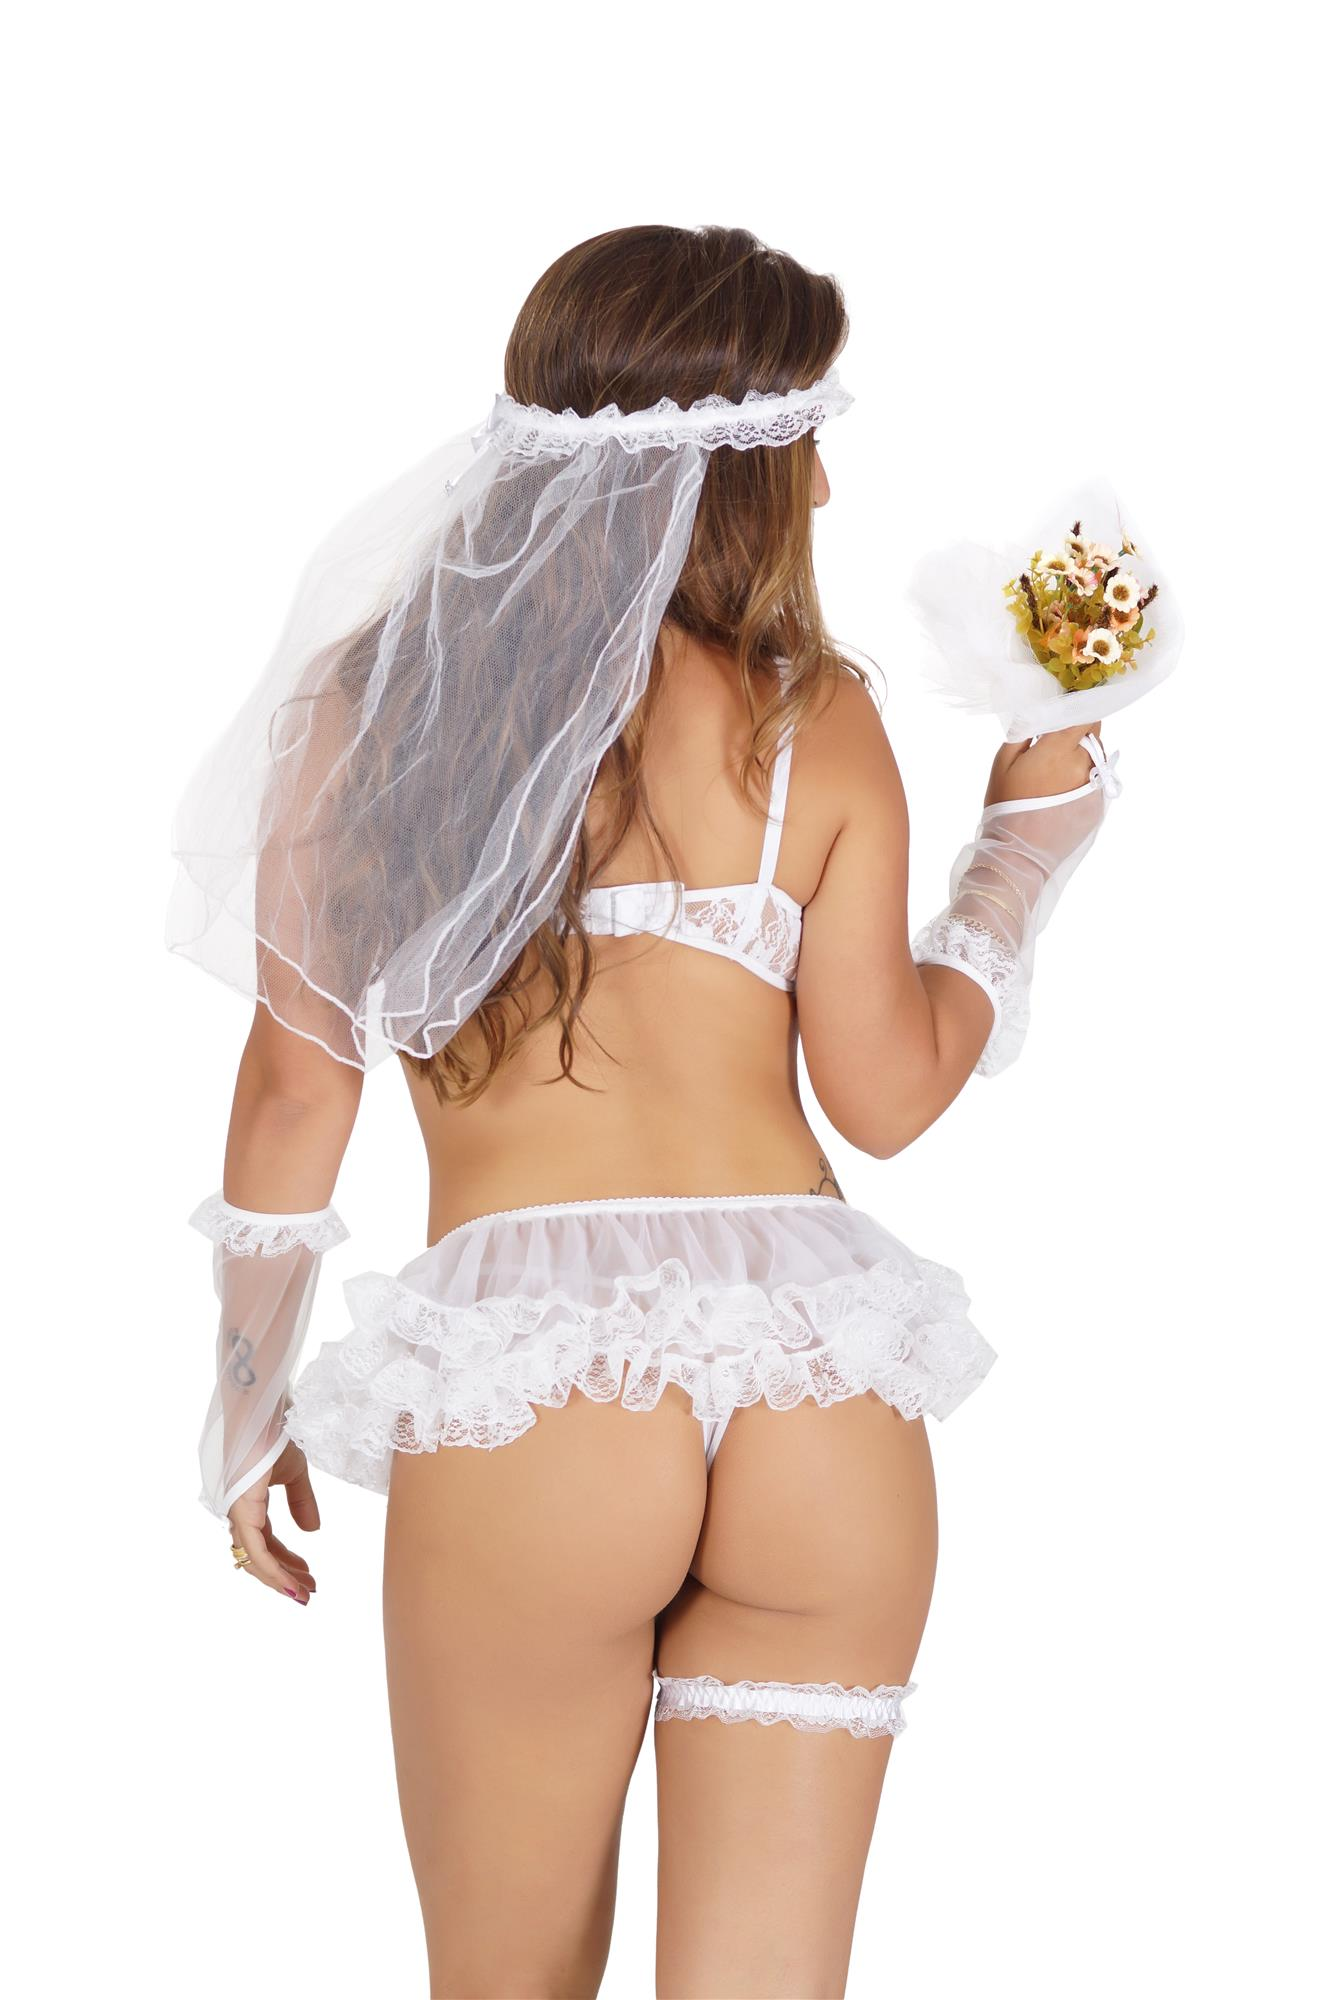 Fantasia Noiva Sem Body  - Fribasex - Fabricasex.com